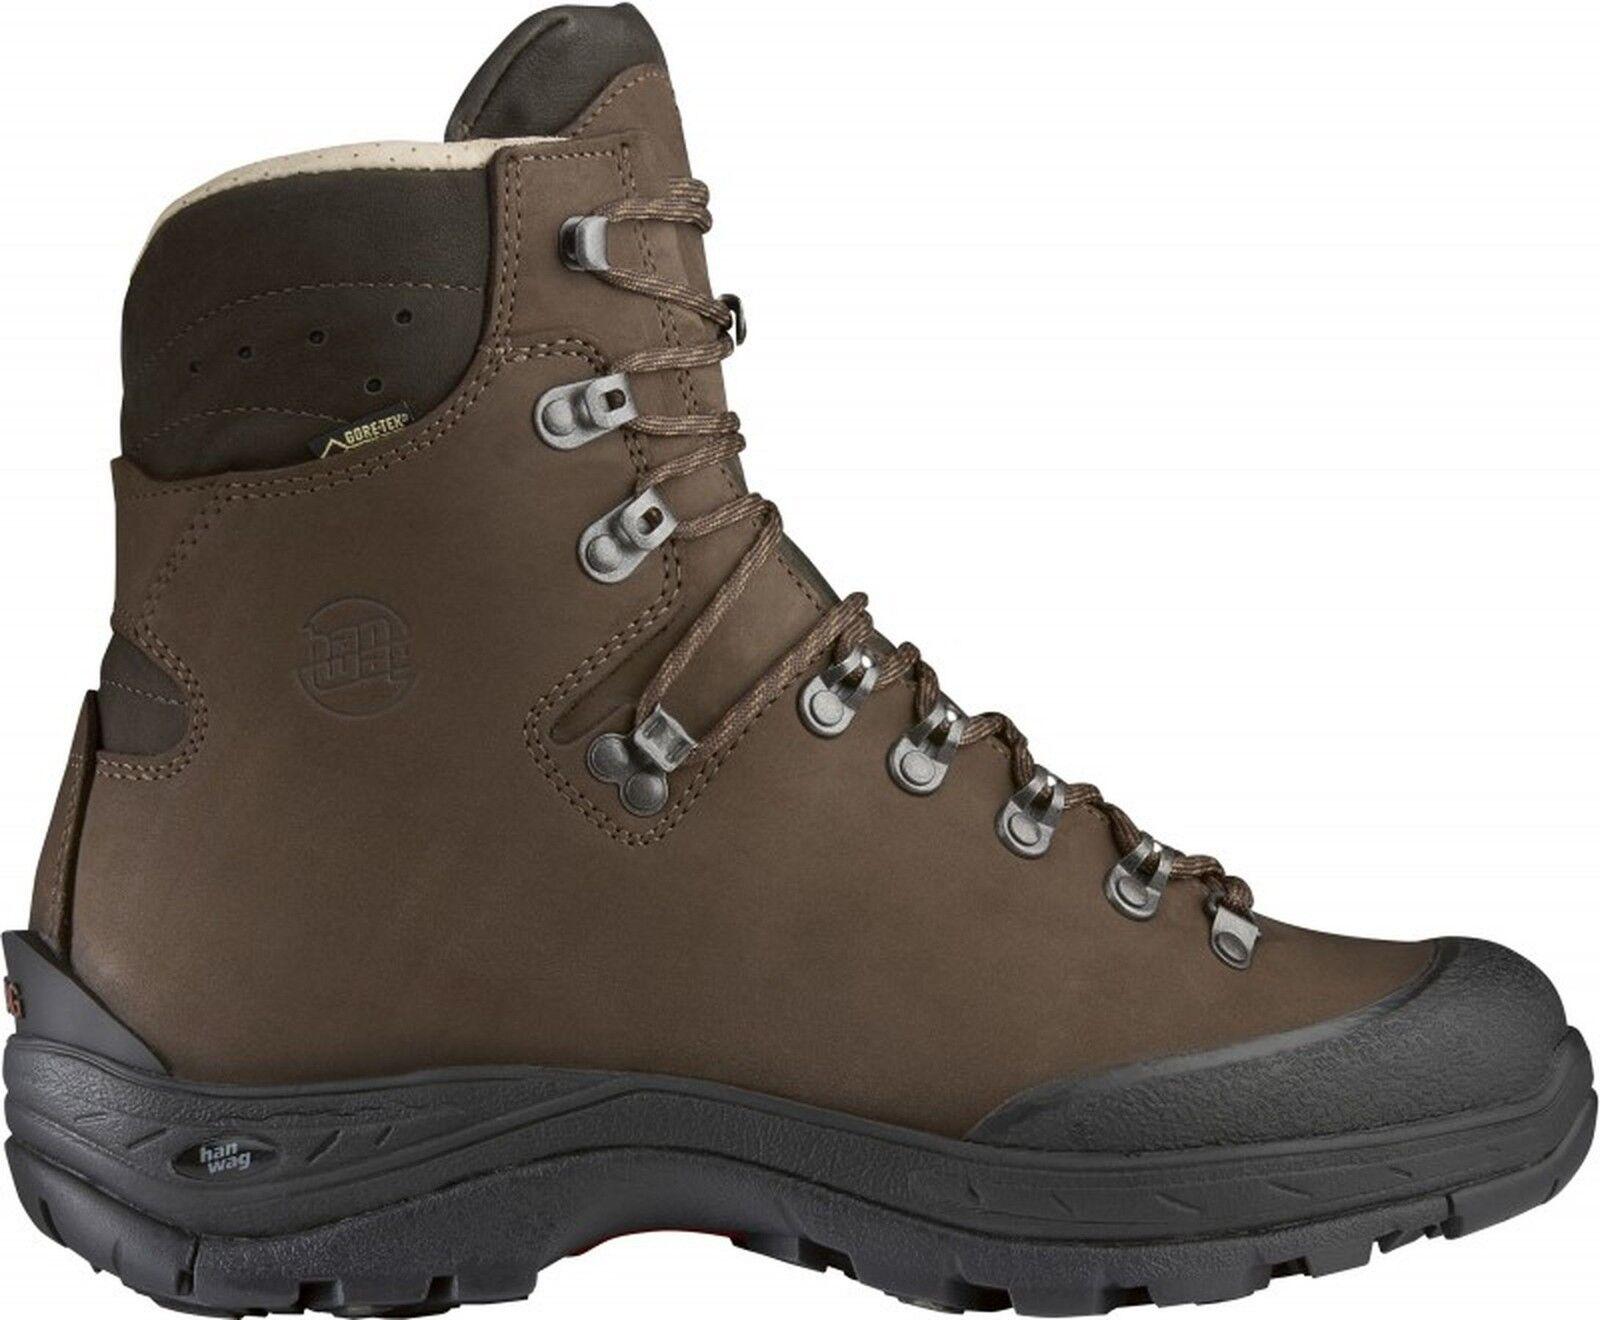 Hanwag montaña zapatos Alaska invierno GTX Men tamaño 9-tierra 43